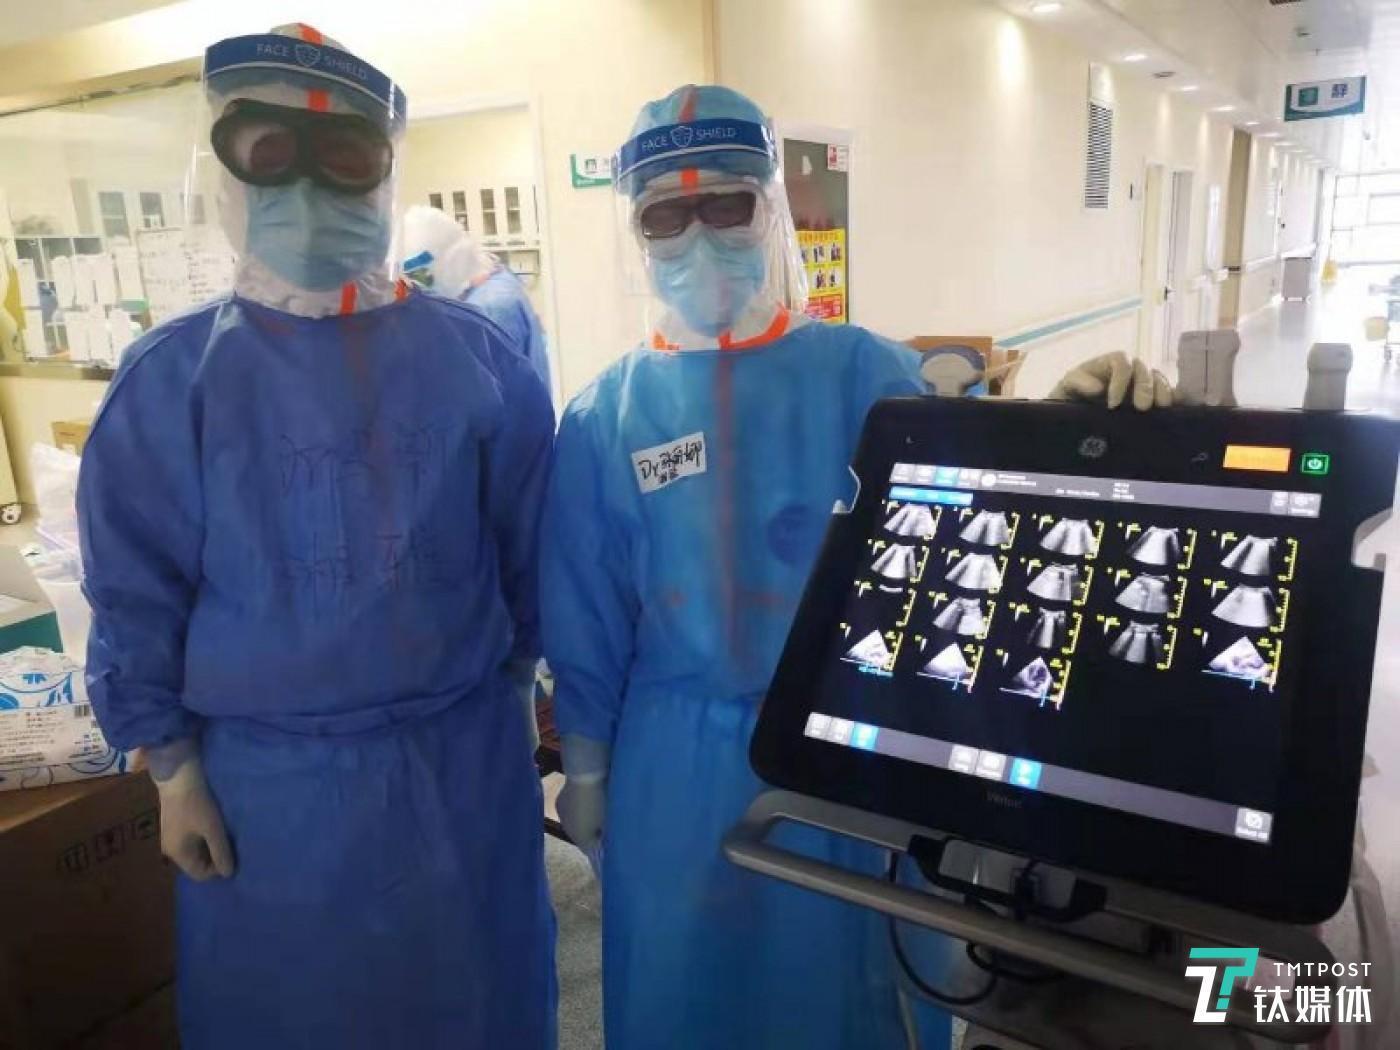 湘雅医院重症医学科副主任张丽娜